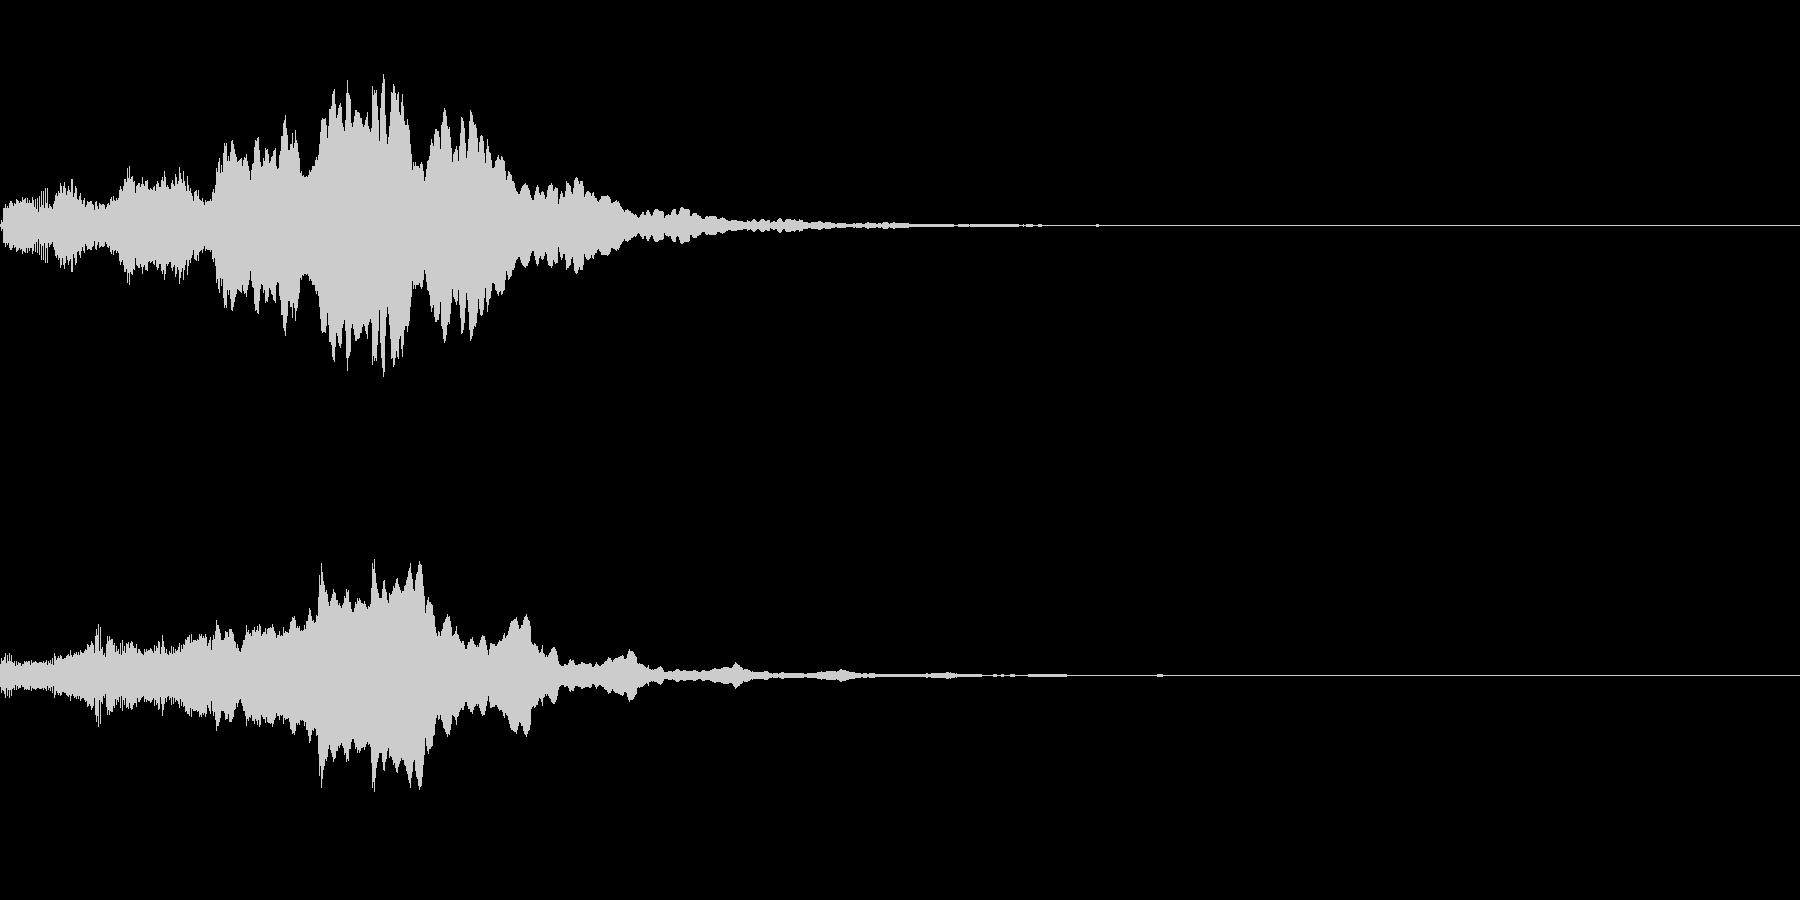 ぴぽぴぽ(ロゴ出現音)A05の未再生の波形